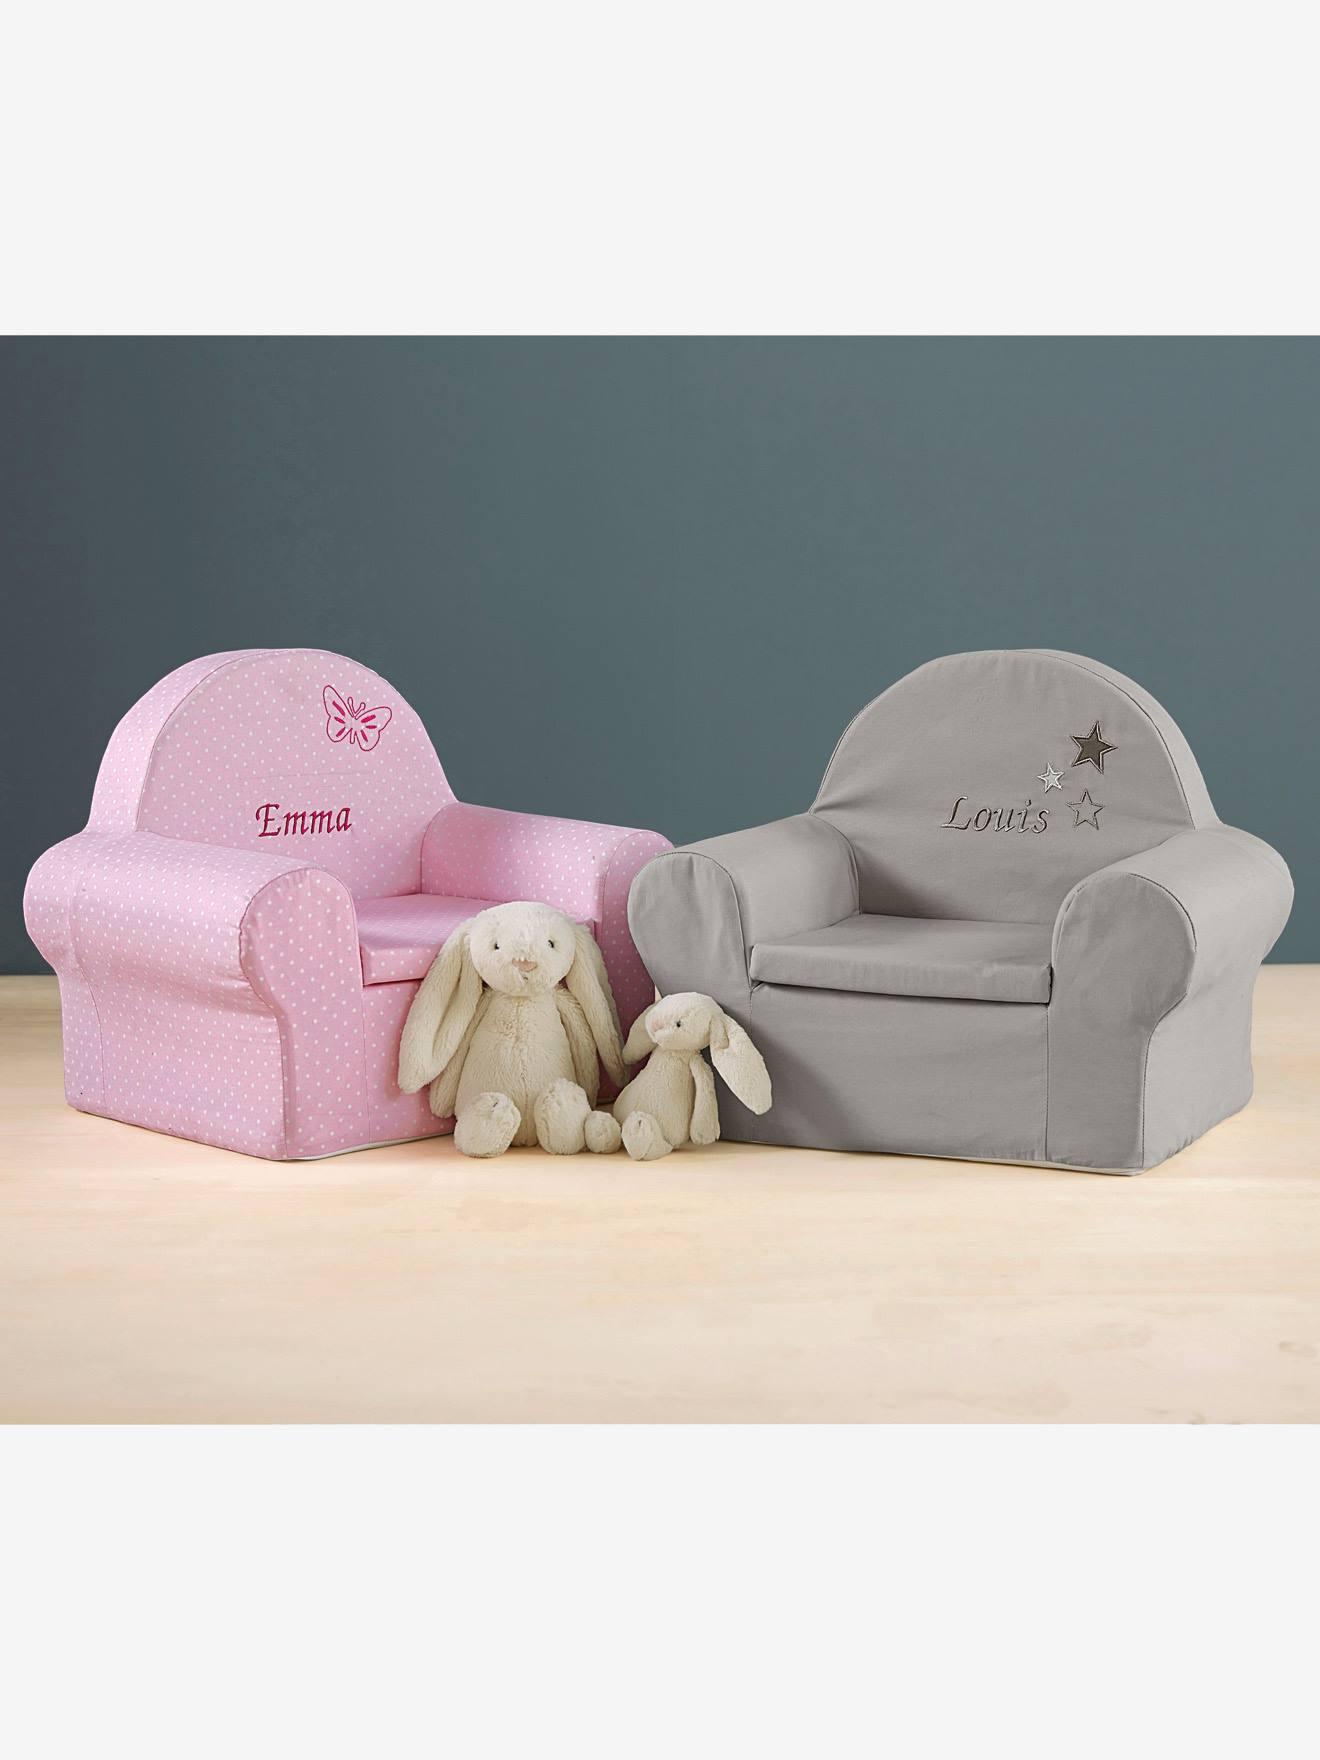 fauteuil en mousse personnalisable lutin rose pois blancs. Black Bedroom Furniture Sets. Home Design Ideas